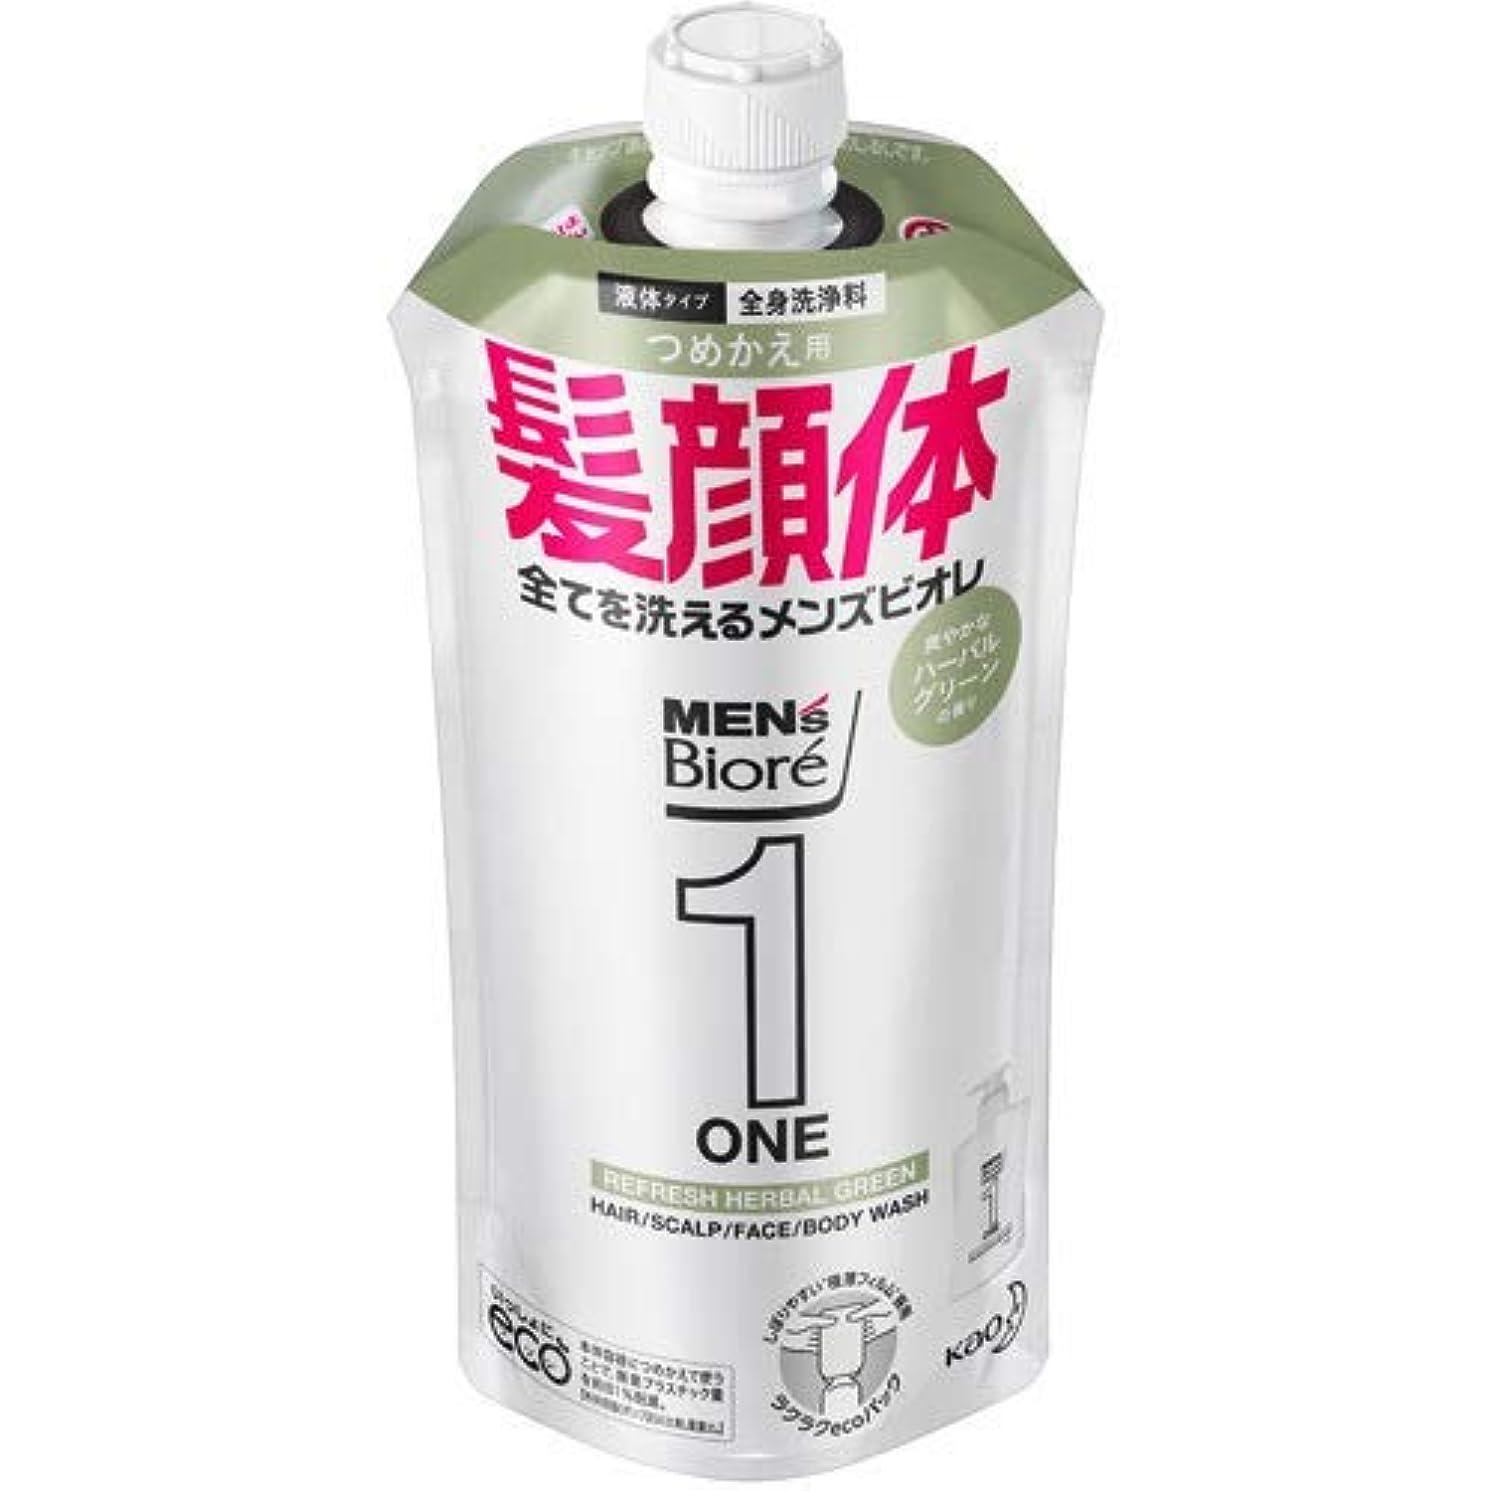 病気の過剰痛い【10個セット】メンズビオレONE オールインワン全身洗浄料 爽やかなハーブルグリーンの香り つめかえ用 340mL